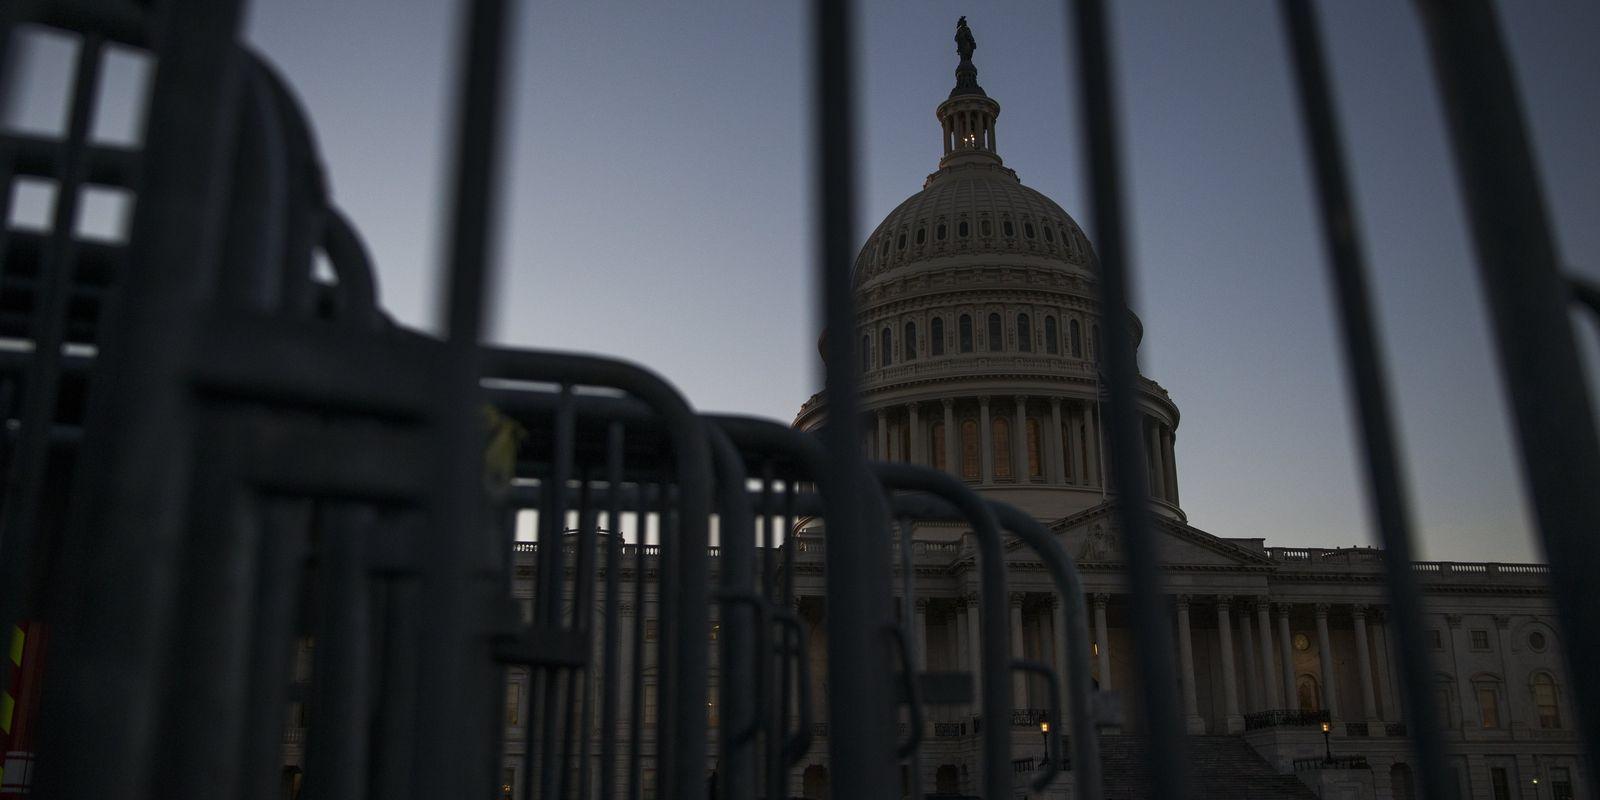 ABD'de bütçe krizi devri: 'Hükümet iflas etti, izinlisiniz'